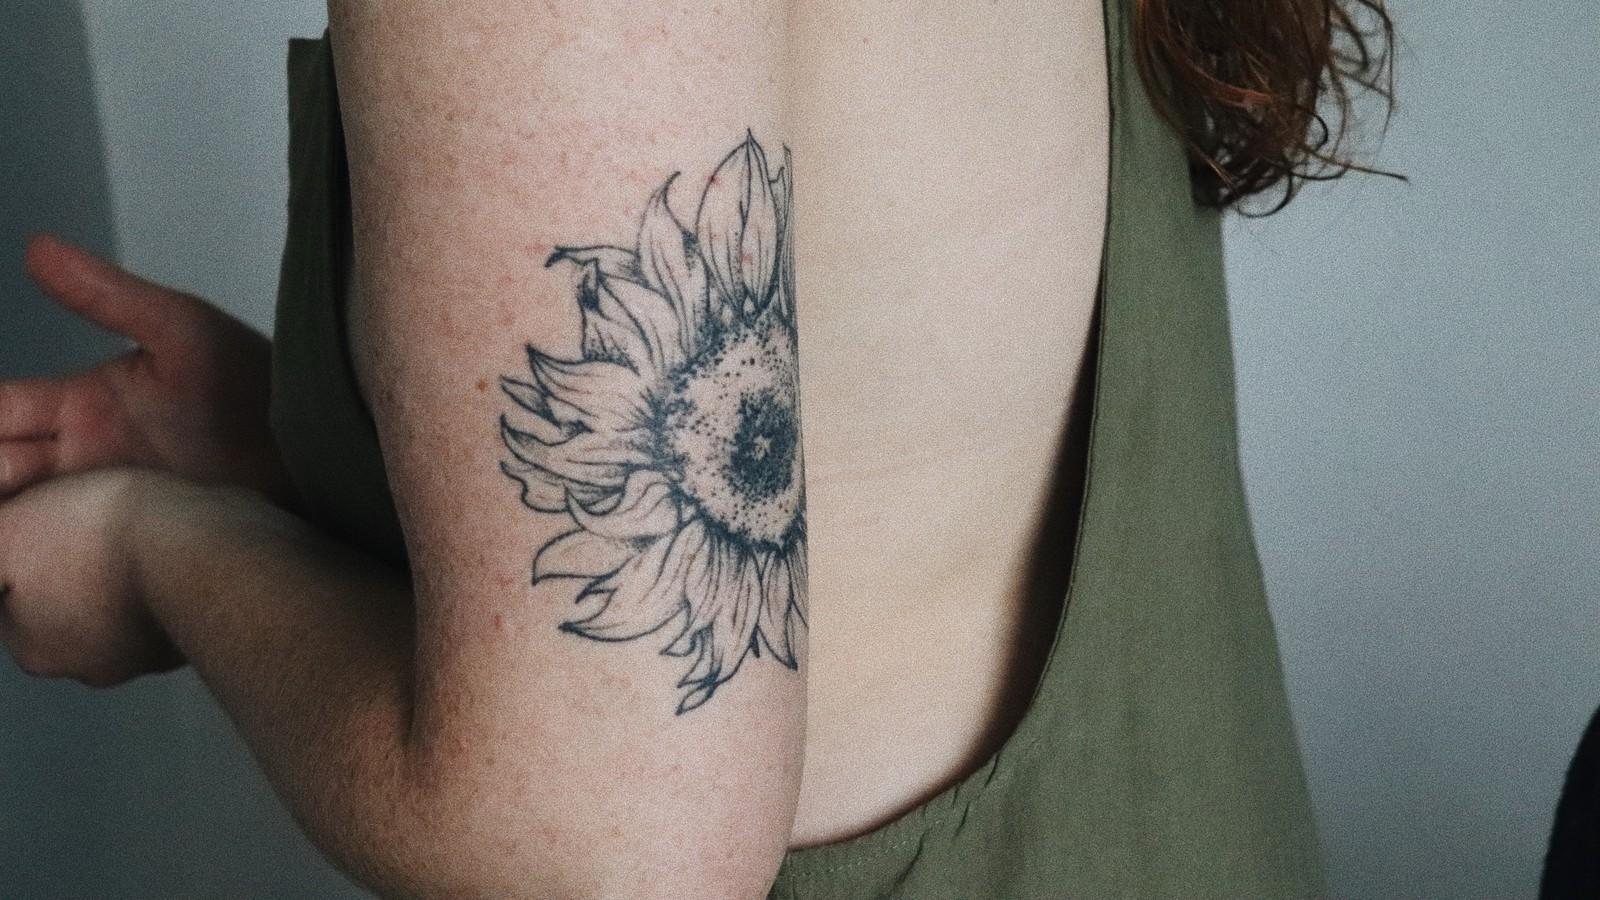 Semipermanent Tattoos Why Millennials Love Them The Atlantic Fantastic phoenix tattoo design on back. semipermanent tattoos why millennials